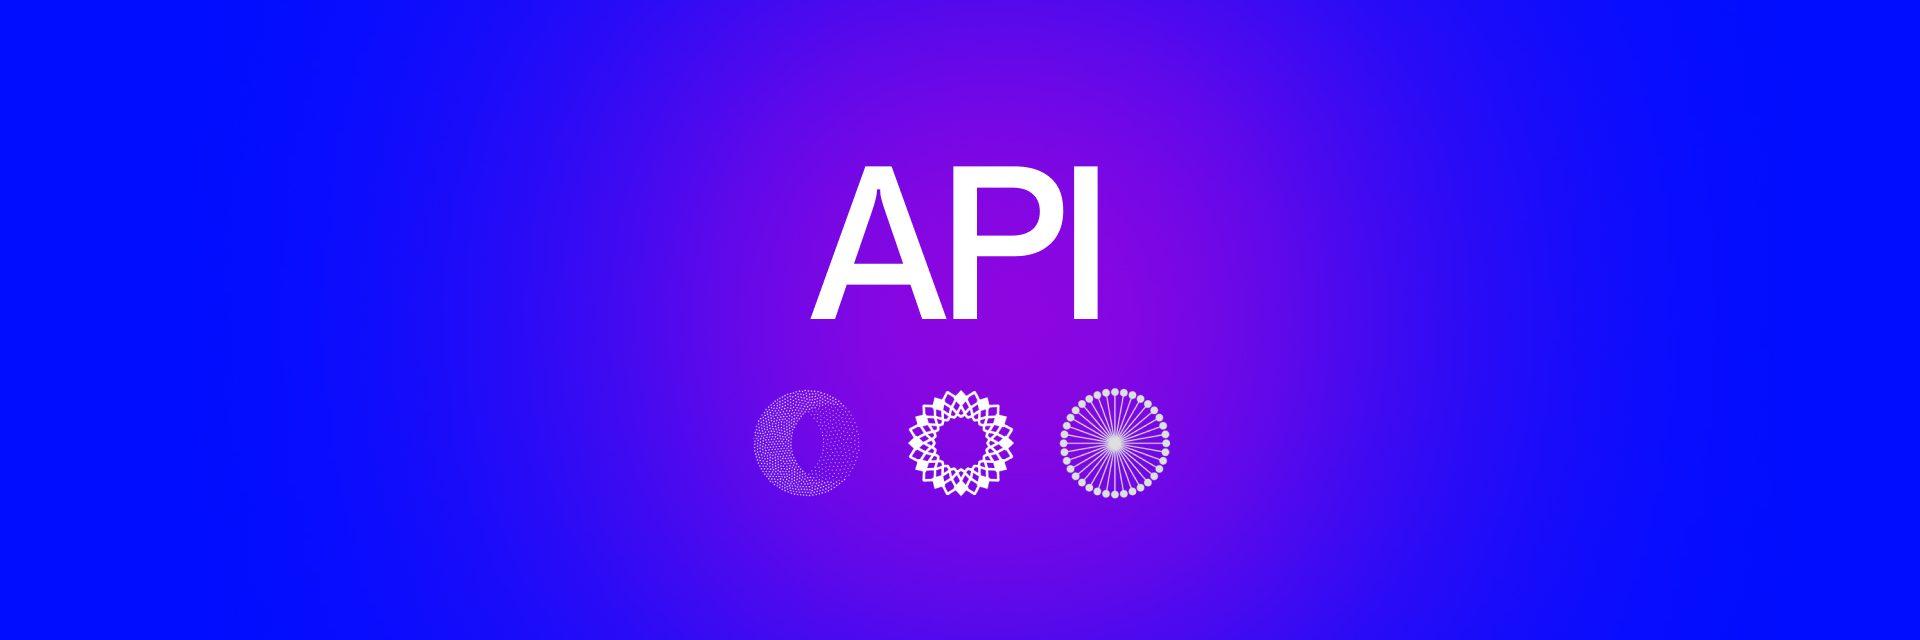 Mubert API —Make your app sound great — Mubert Blog